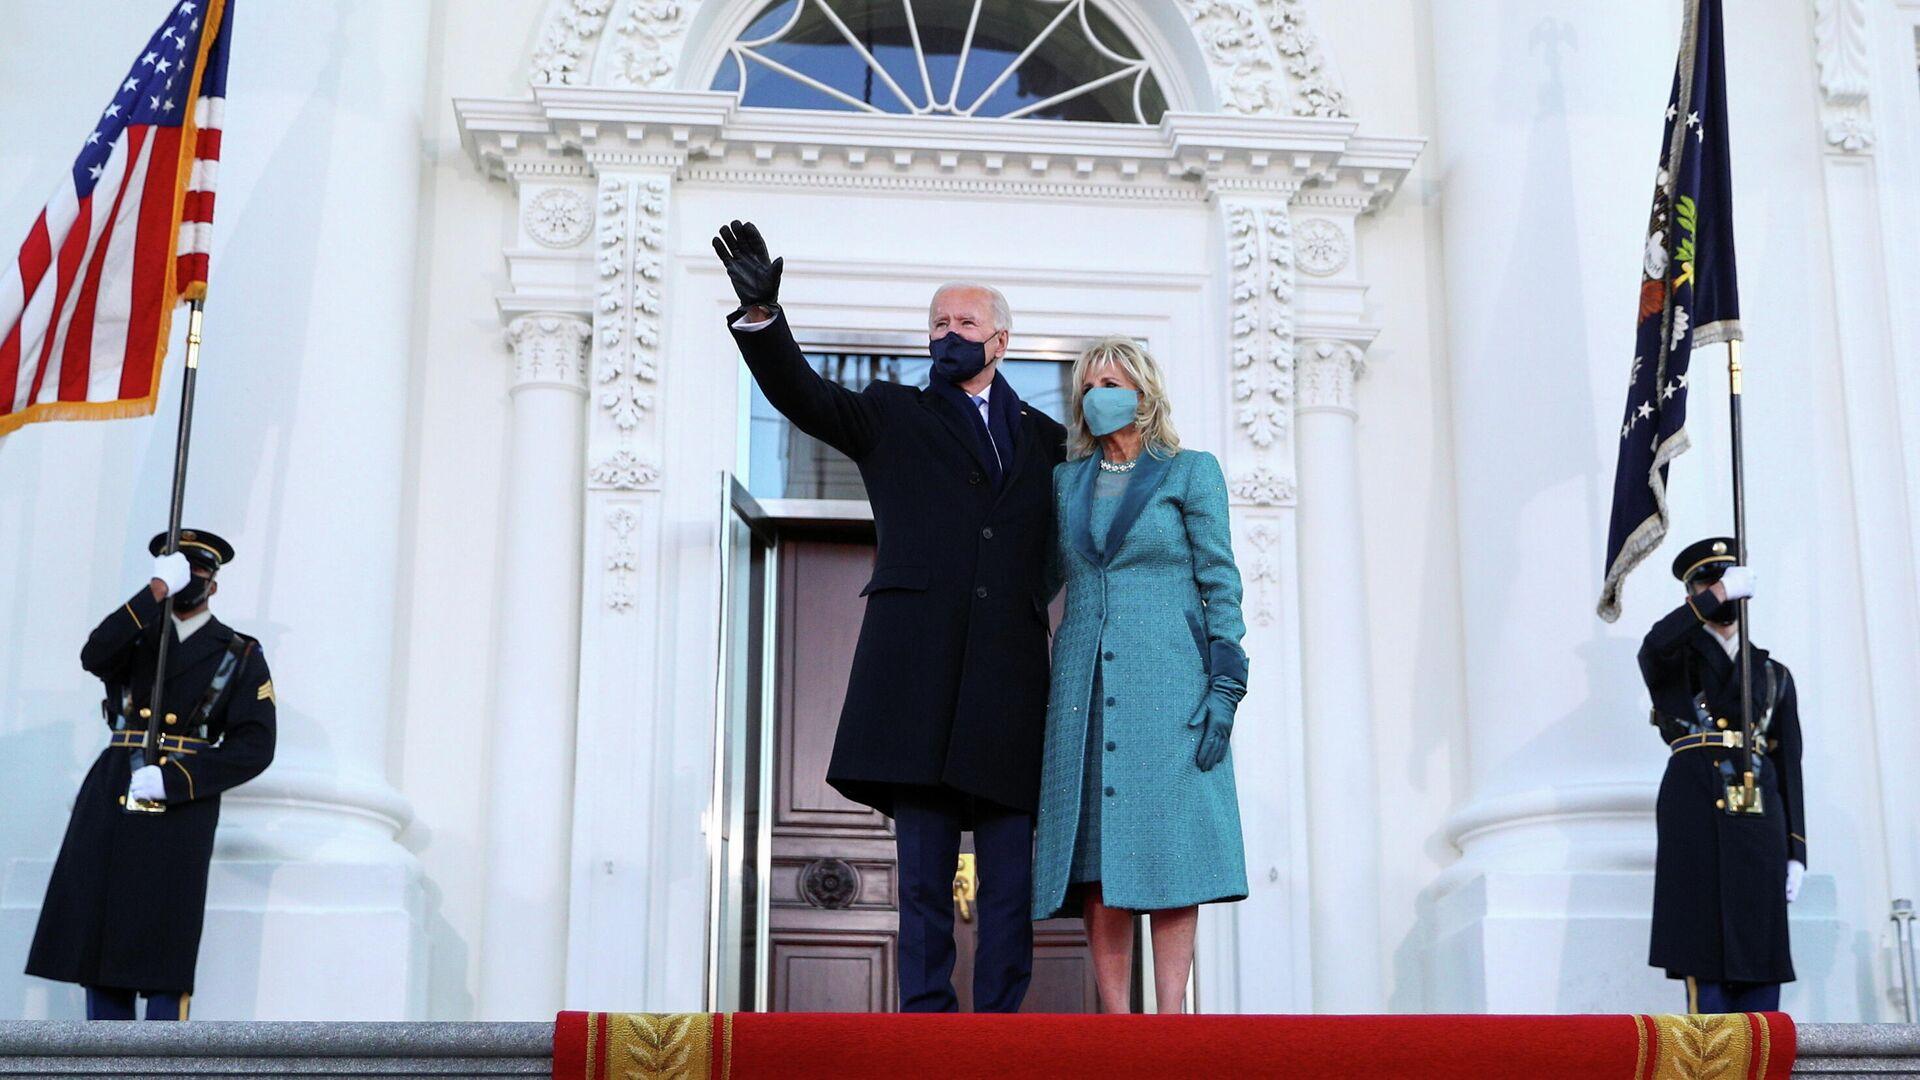 Президент США Джо Байден с супругой Джилл у Белого дома - РИА Новости, 1920, 29.01.2021